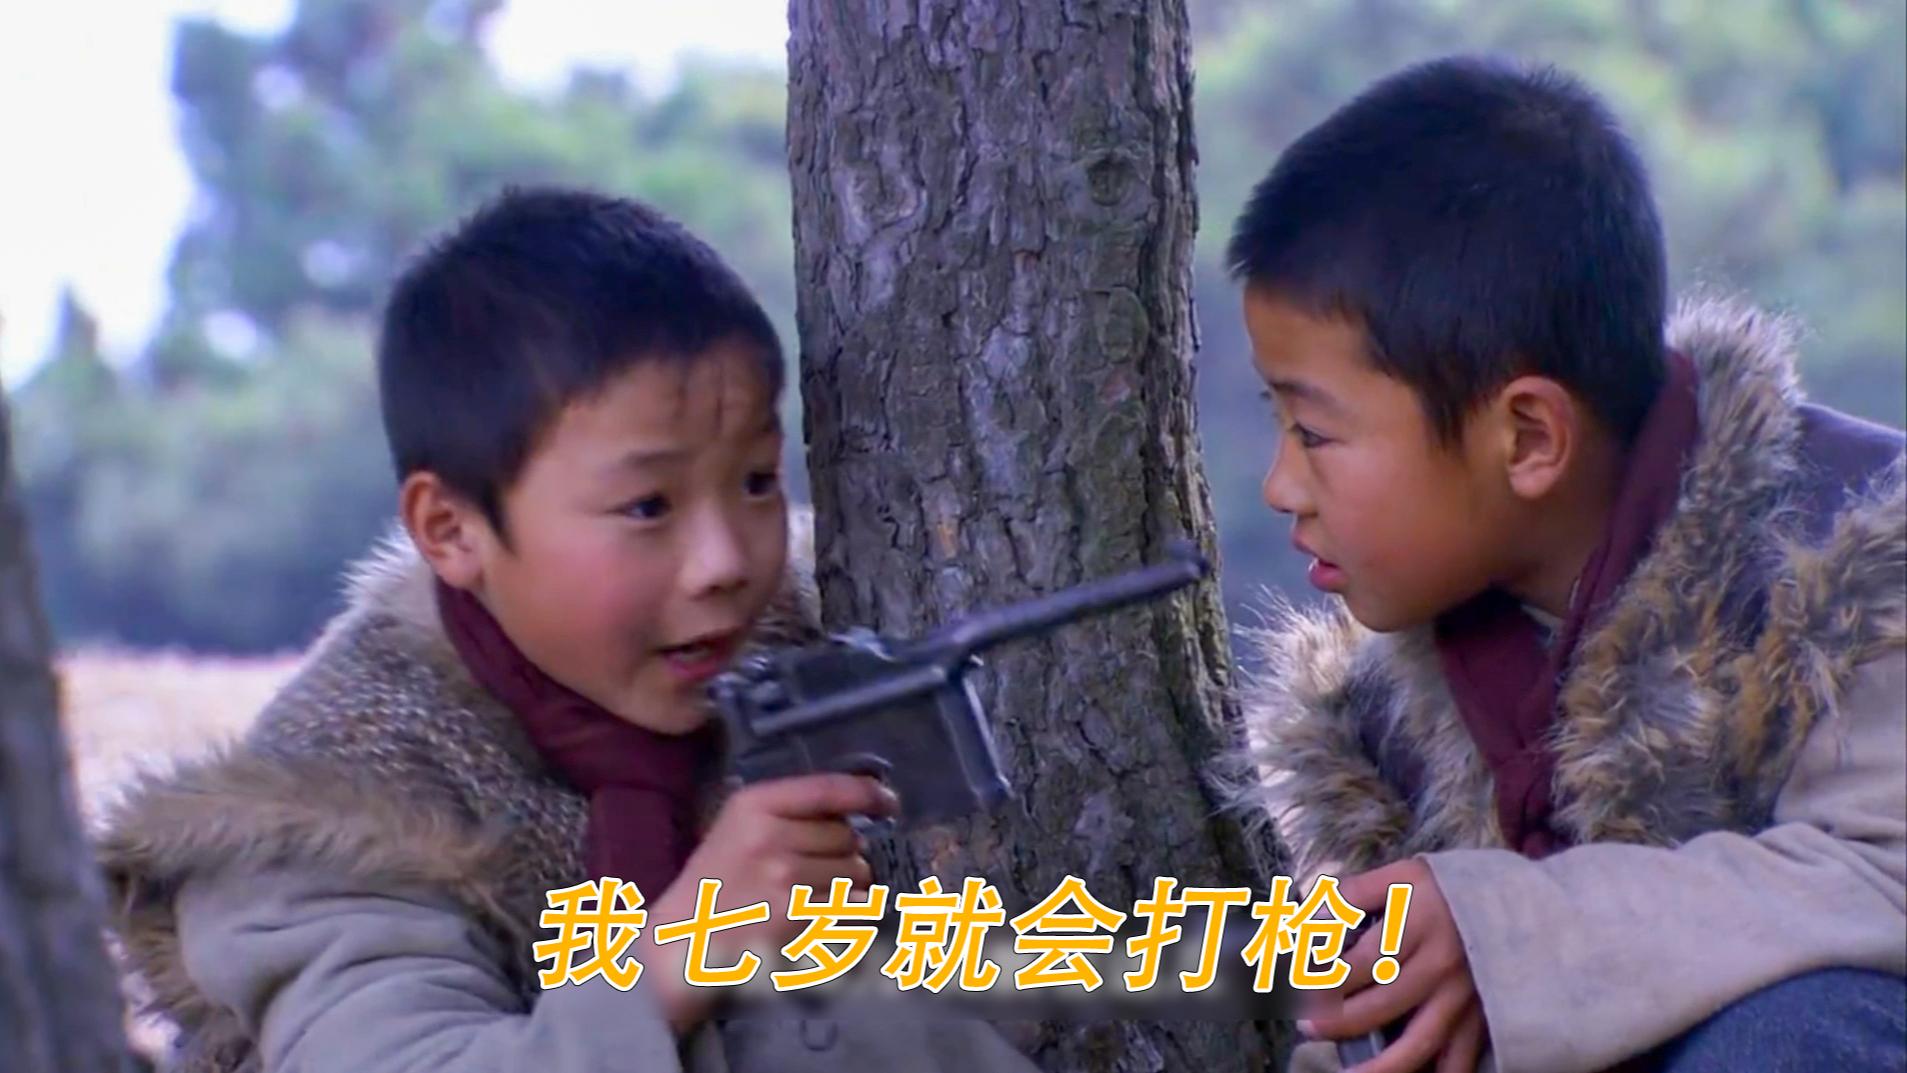 侮辱观众智商的神剧片段(75)我七岁就会打枪!